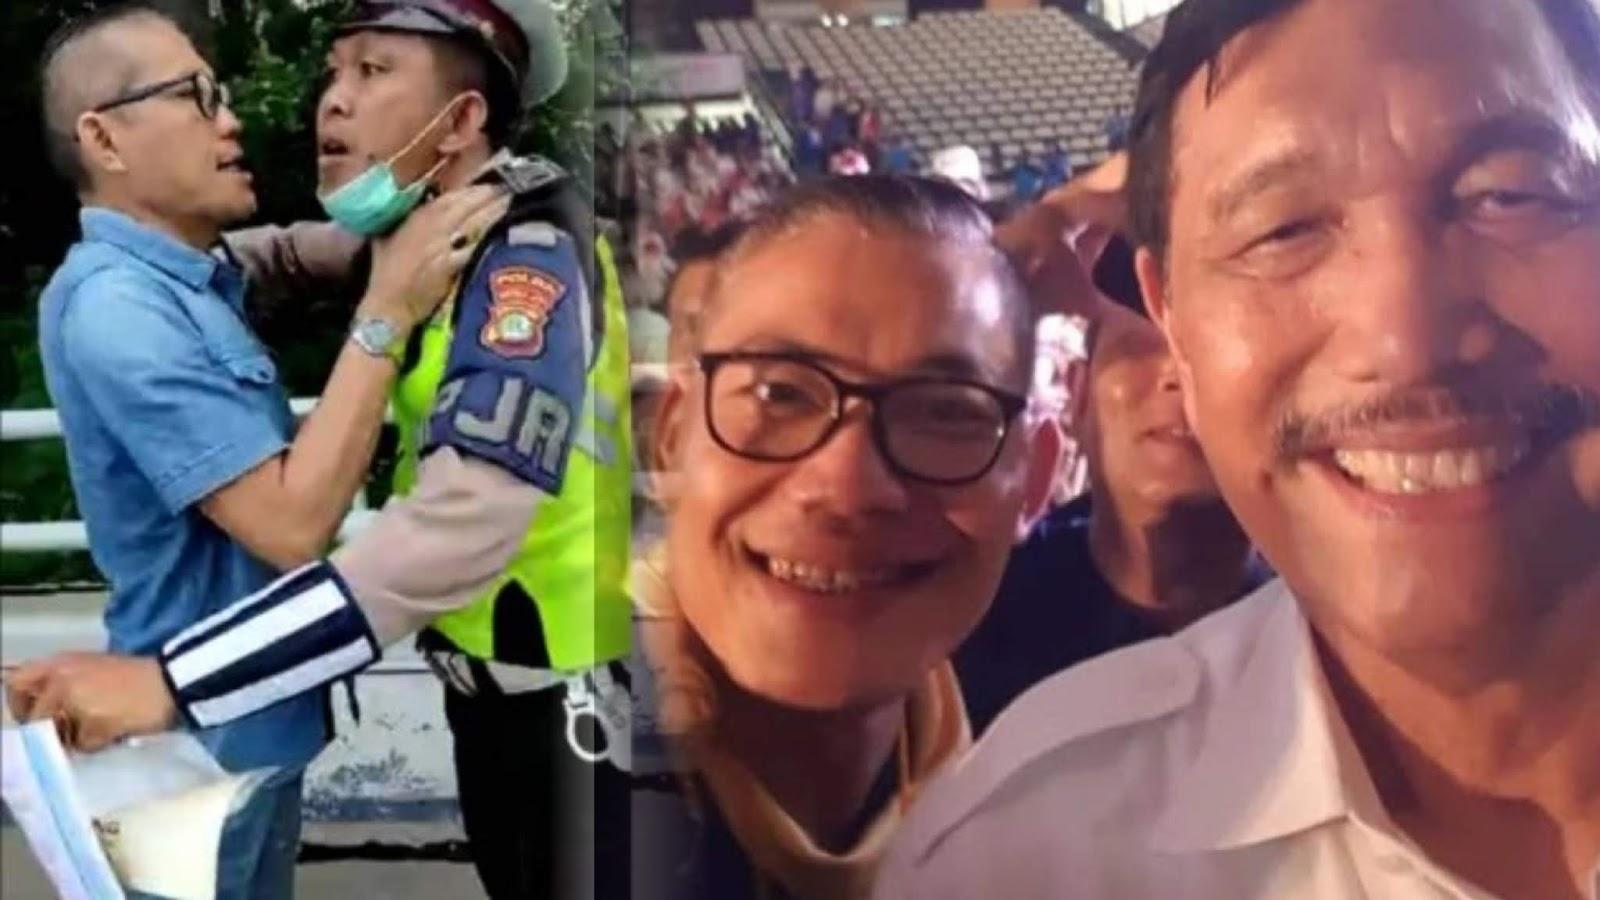 Unggahan Lawas 'Revolusi Mental' Tohap Pencekek Polisi Jadi Sorotan